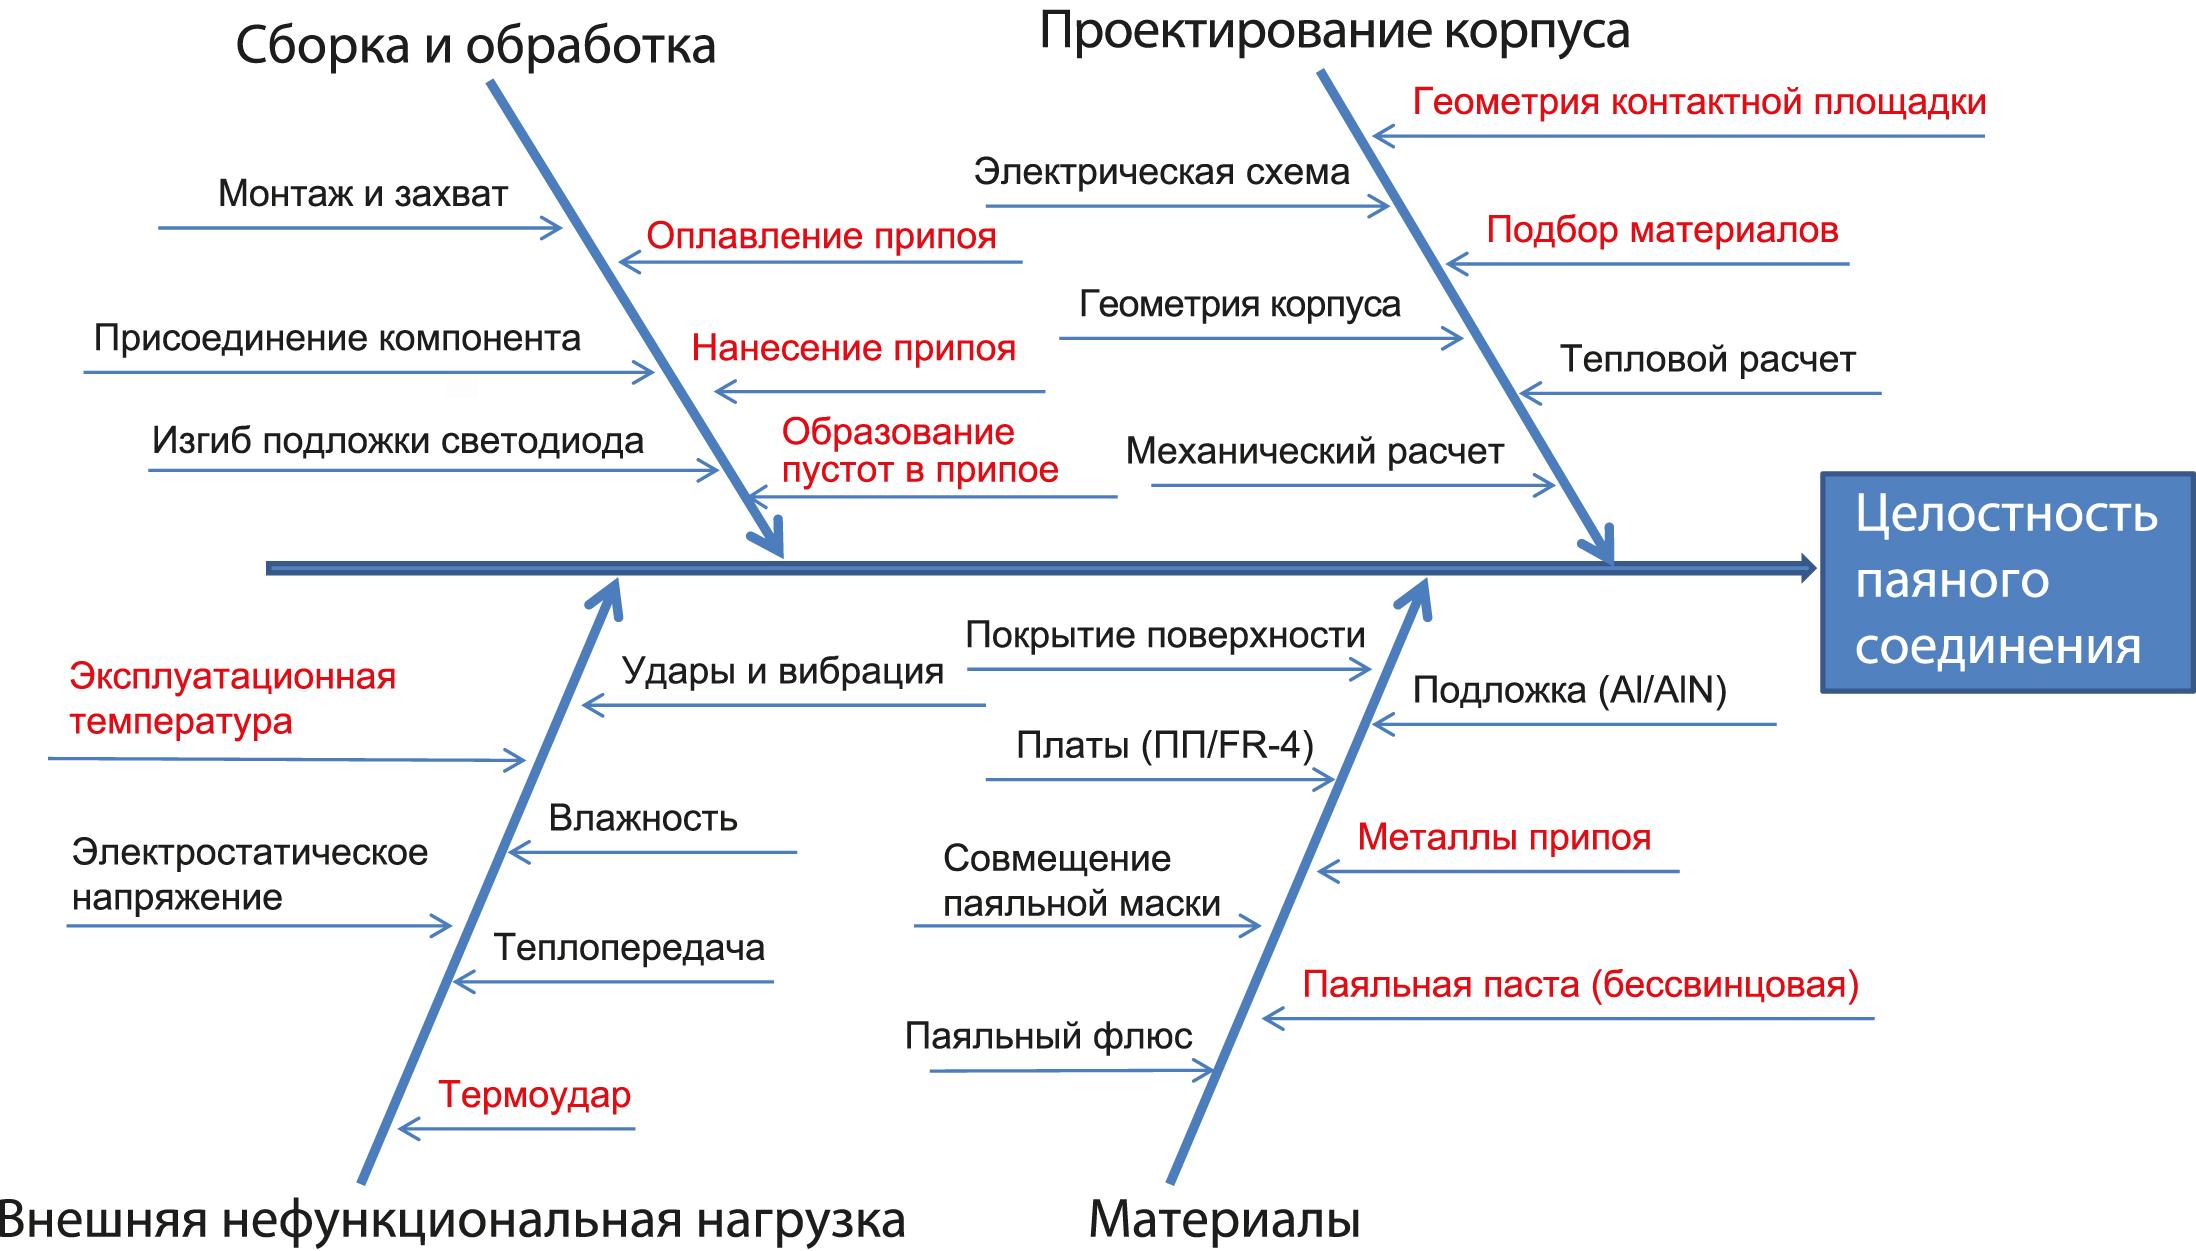 Факторы, обычно влияющие на целостность паяных соединений светодиодов (факторы, показанные красным, имеют отношение к настоящему исследованию)